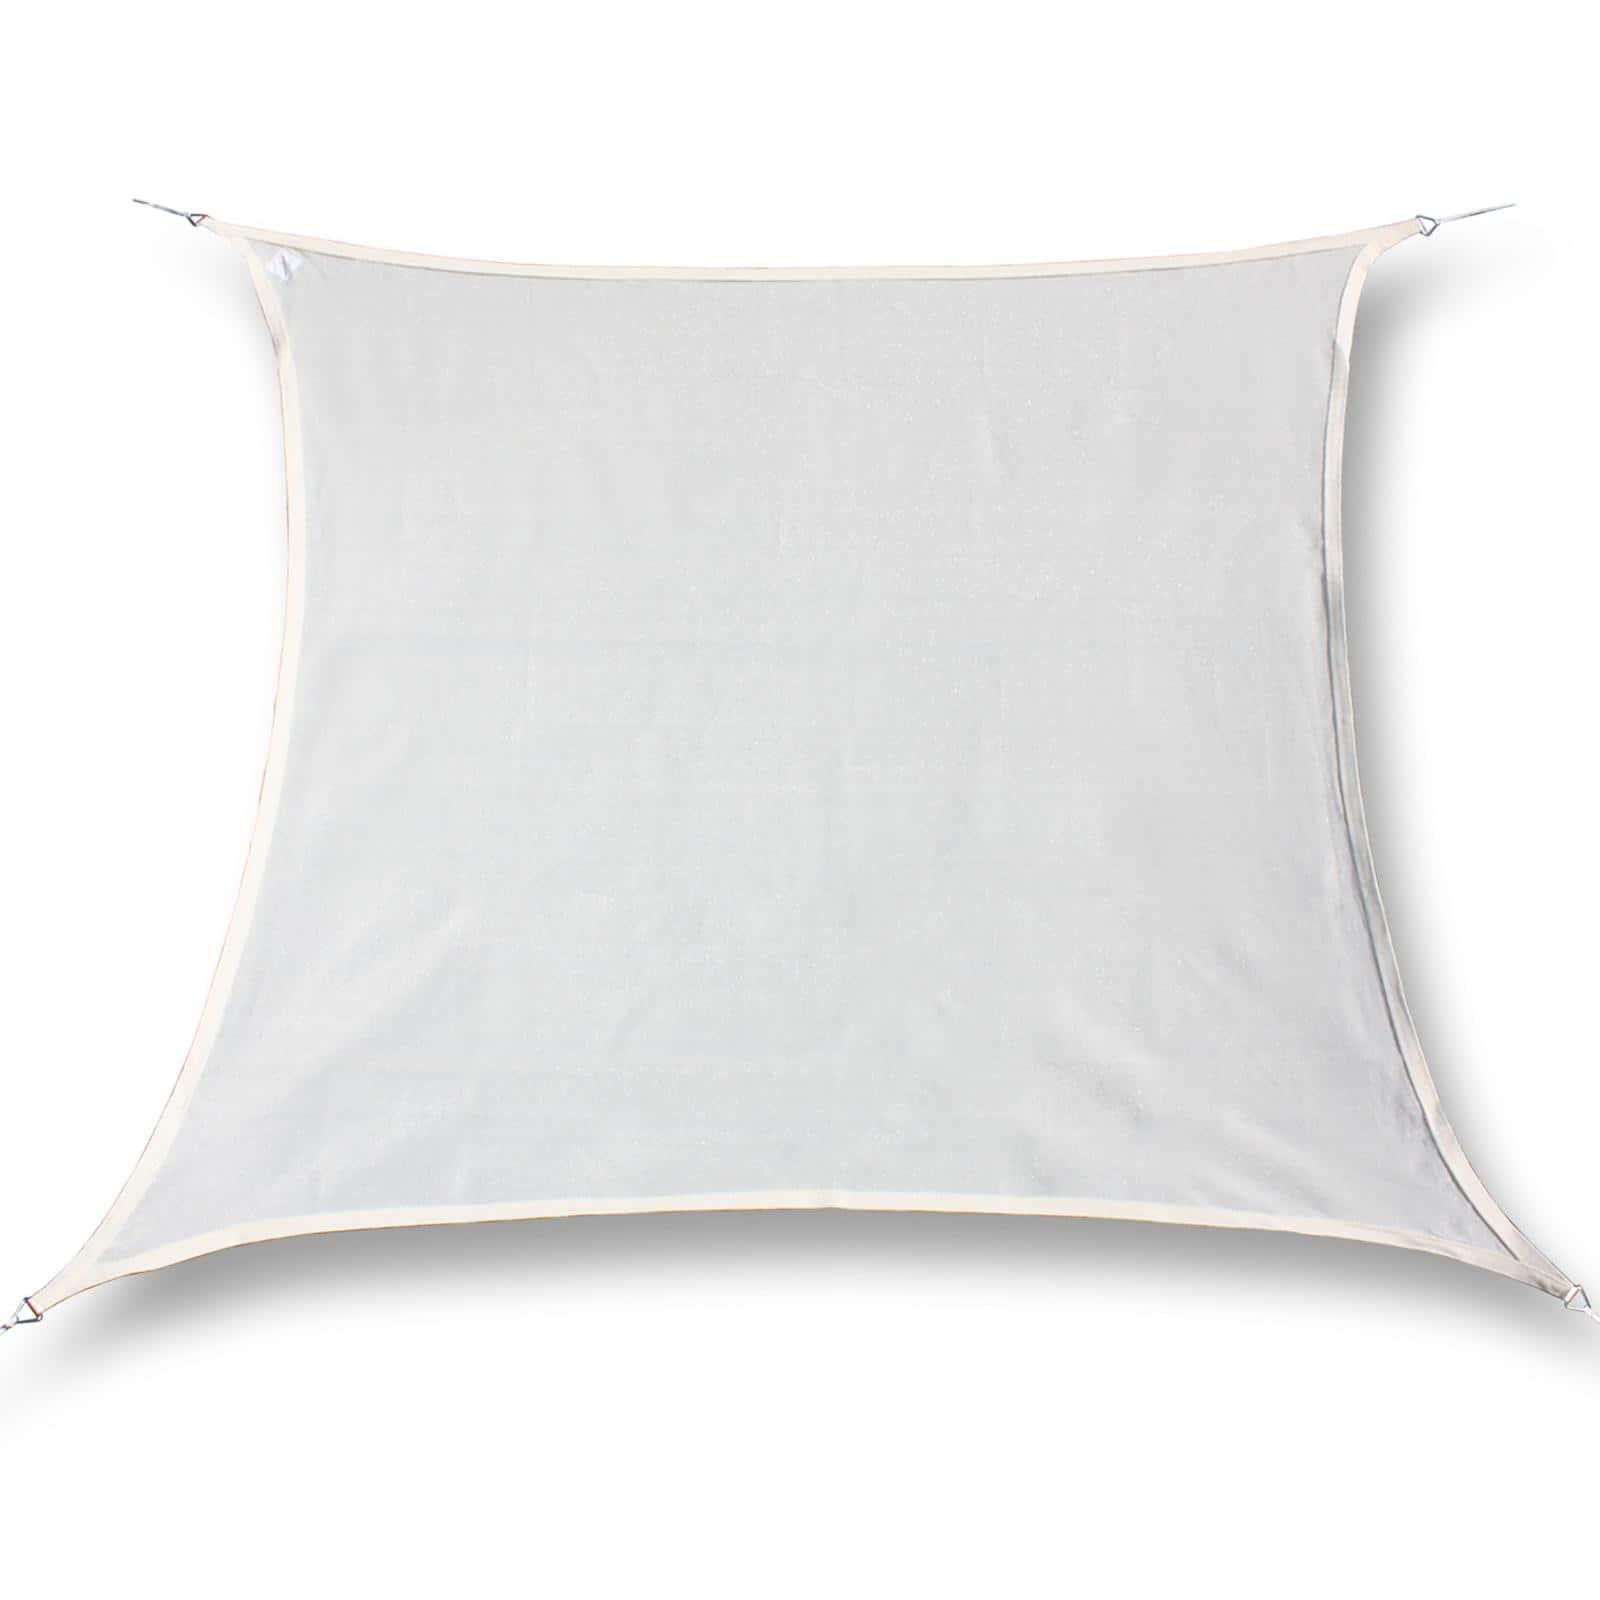 hanSe® Schaduwdoek Vierkant Waterdoorlatend 5x5 m - zonnedoek - Wit